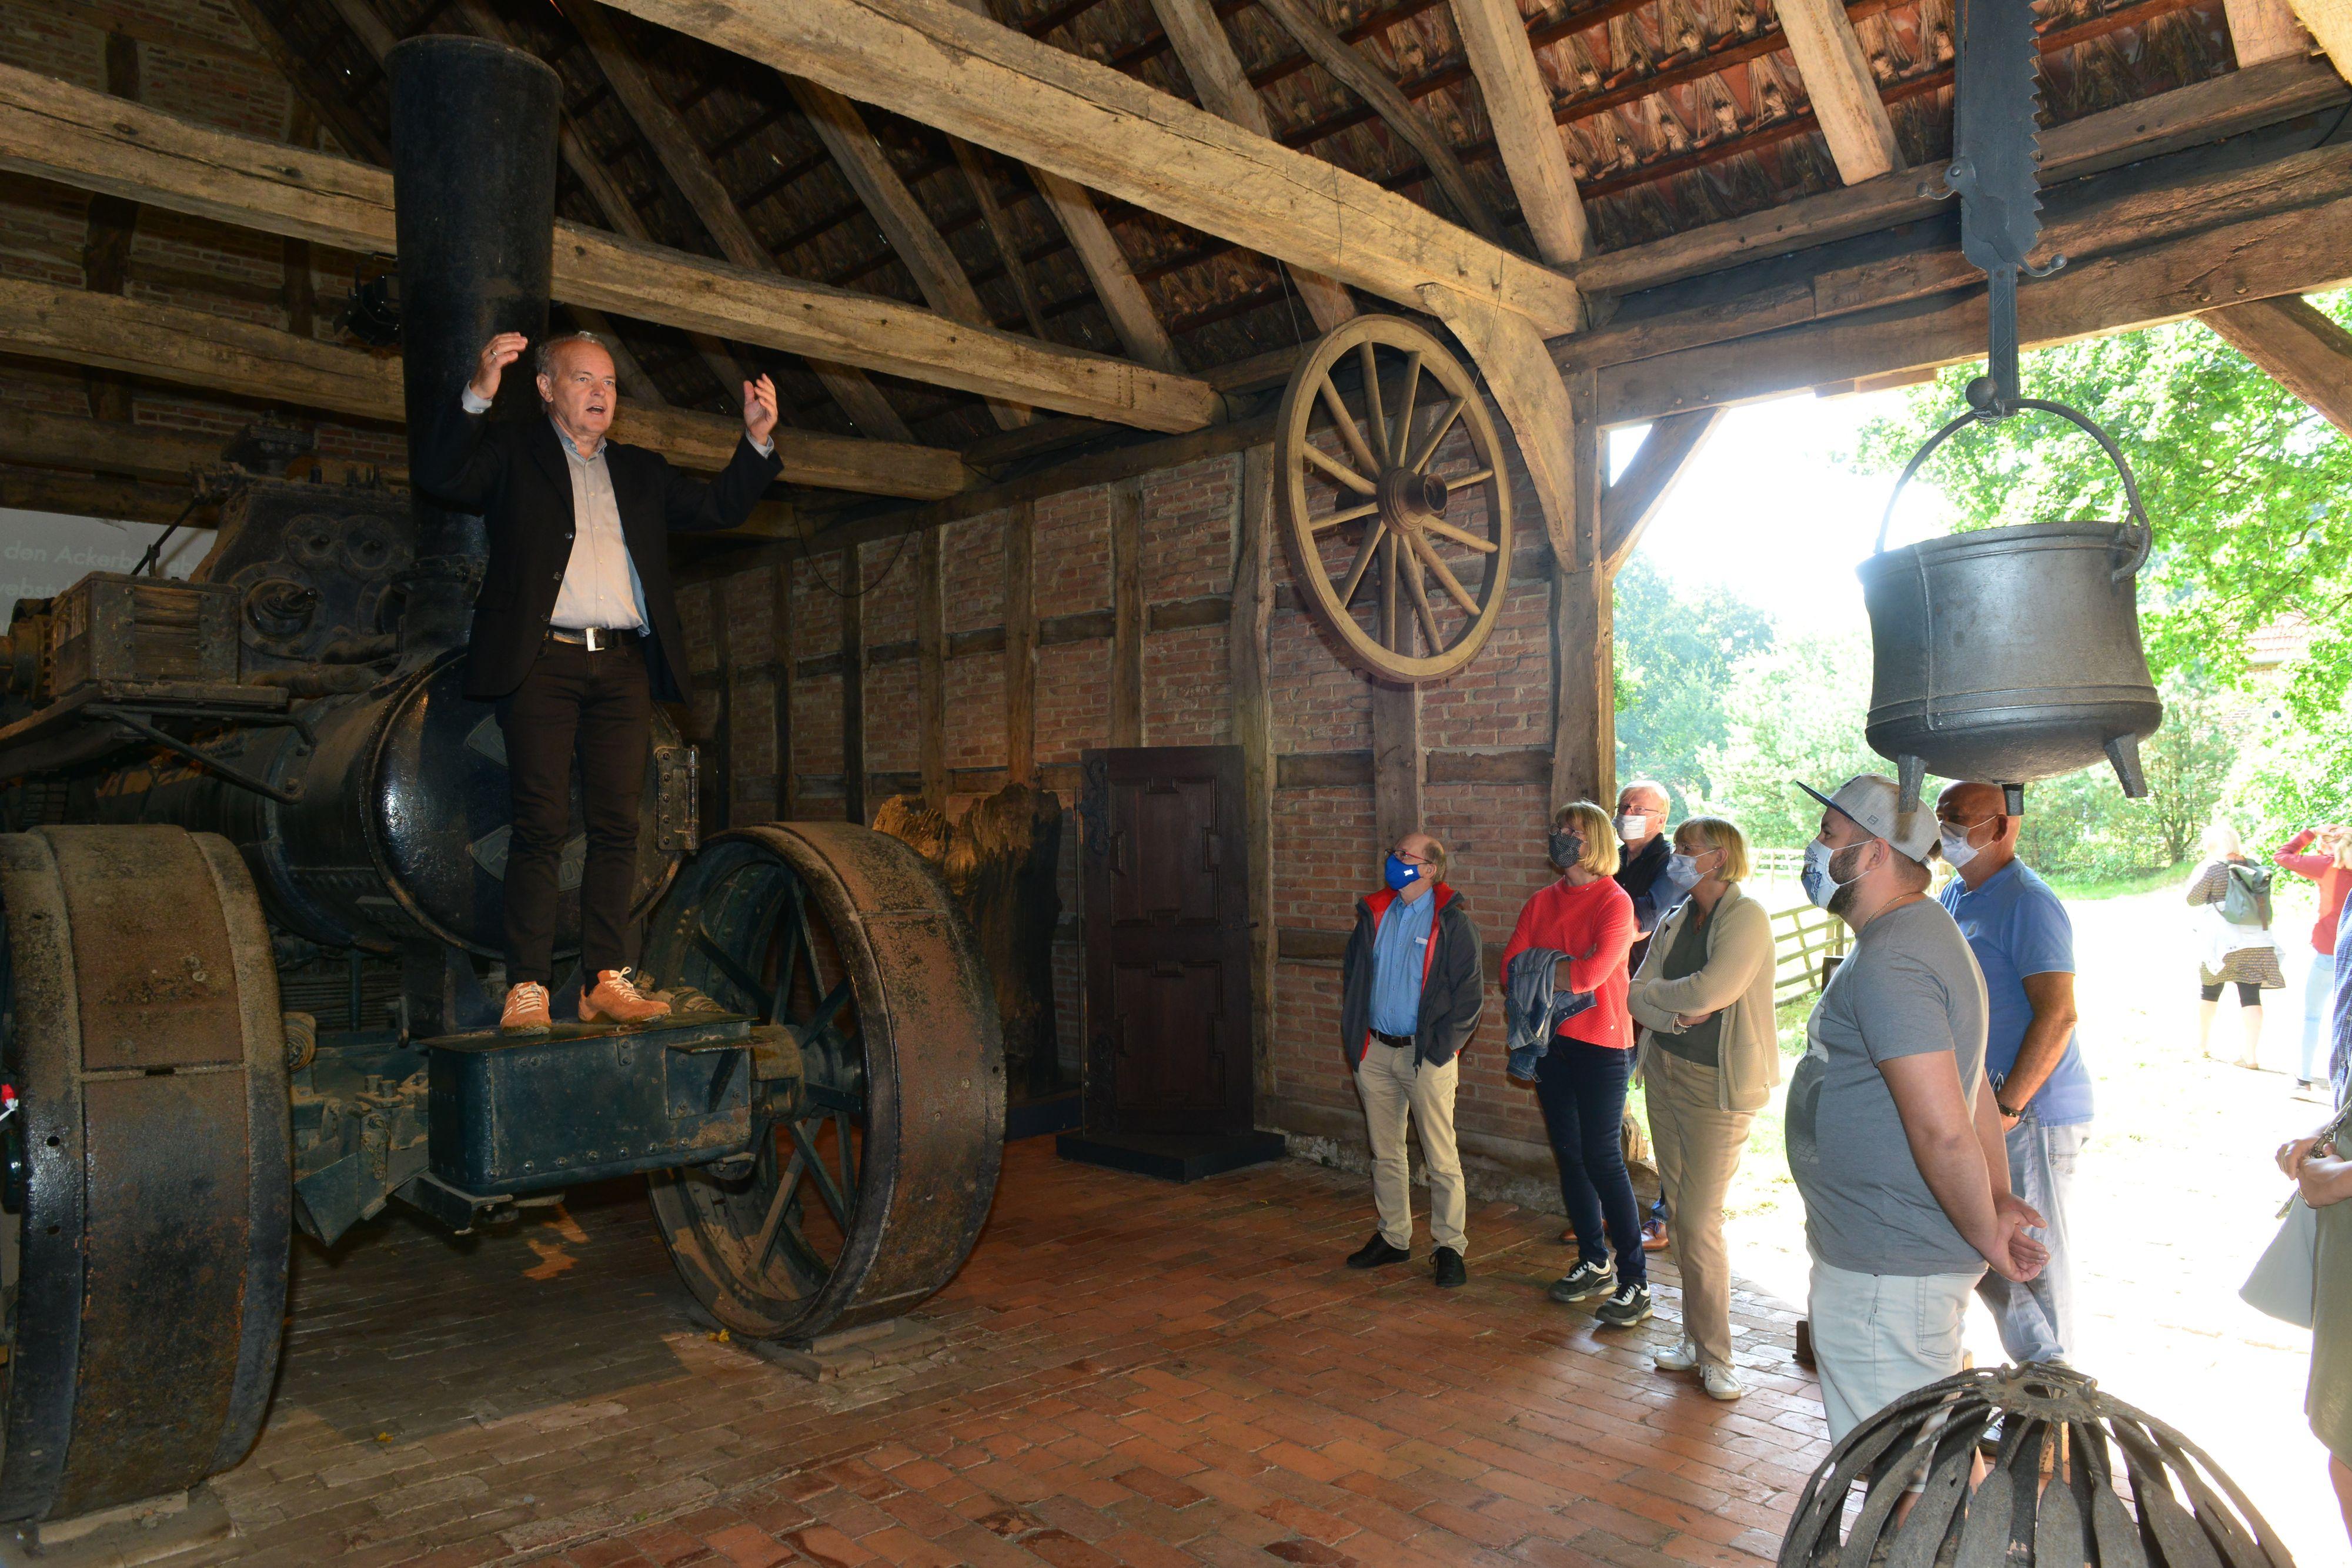 Das macht Spaß: Bei seiner Führung durch das Museumsdorf Cloppenburg sorgte Pago Balke (links) für humorvolle und hintergründige Informationen über das Landleben aus vier Jahrhunderten. Fotos: Heitkamp